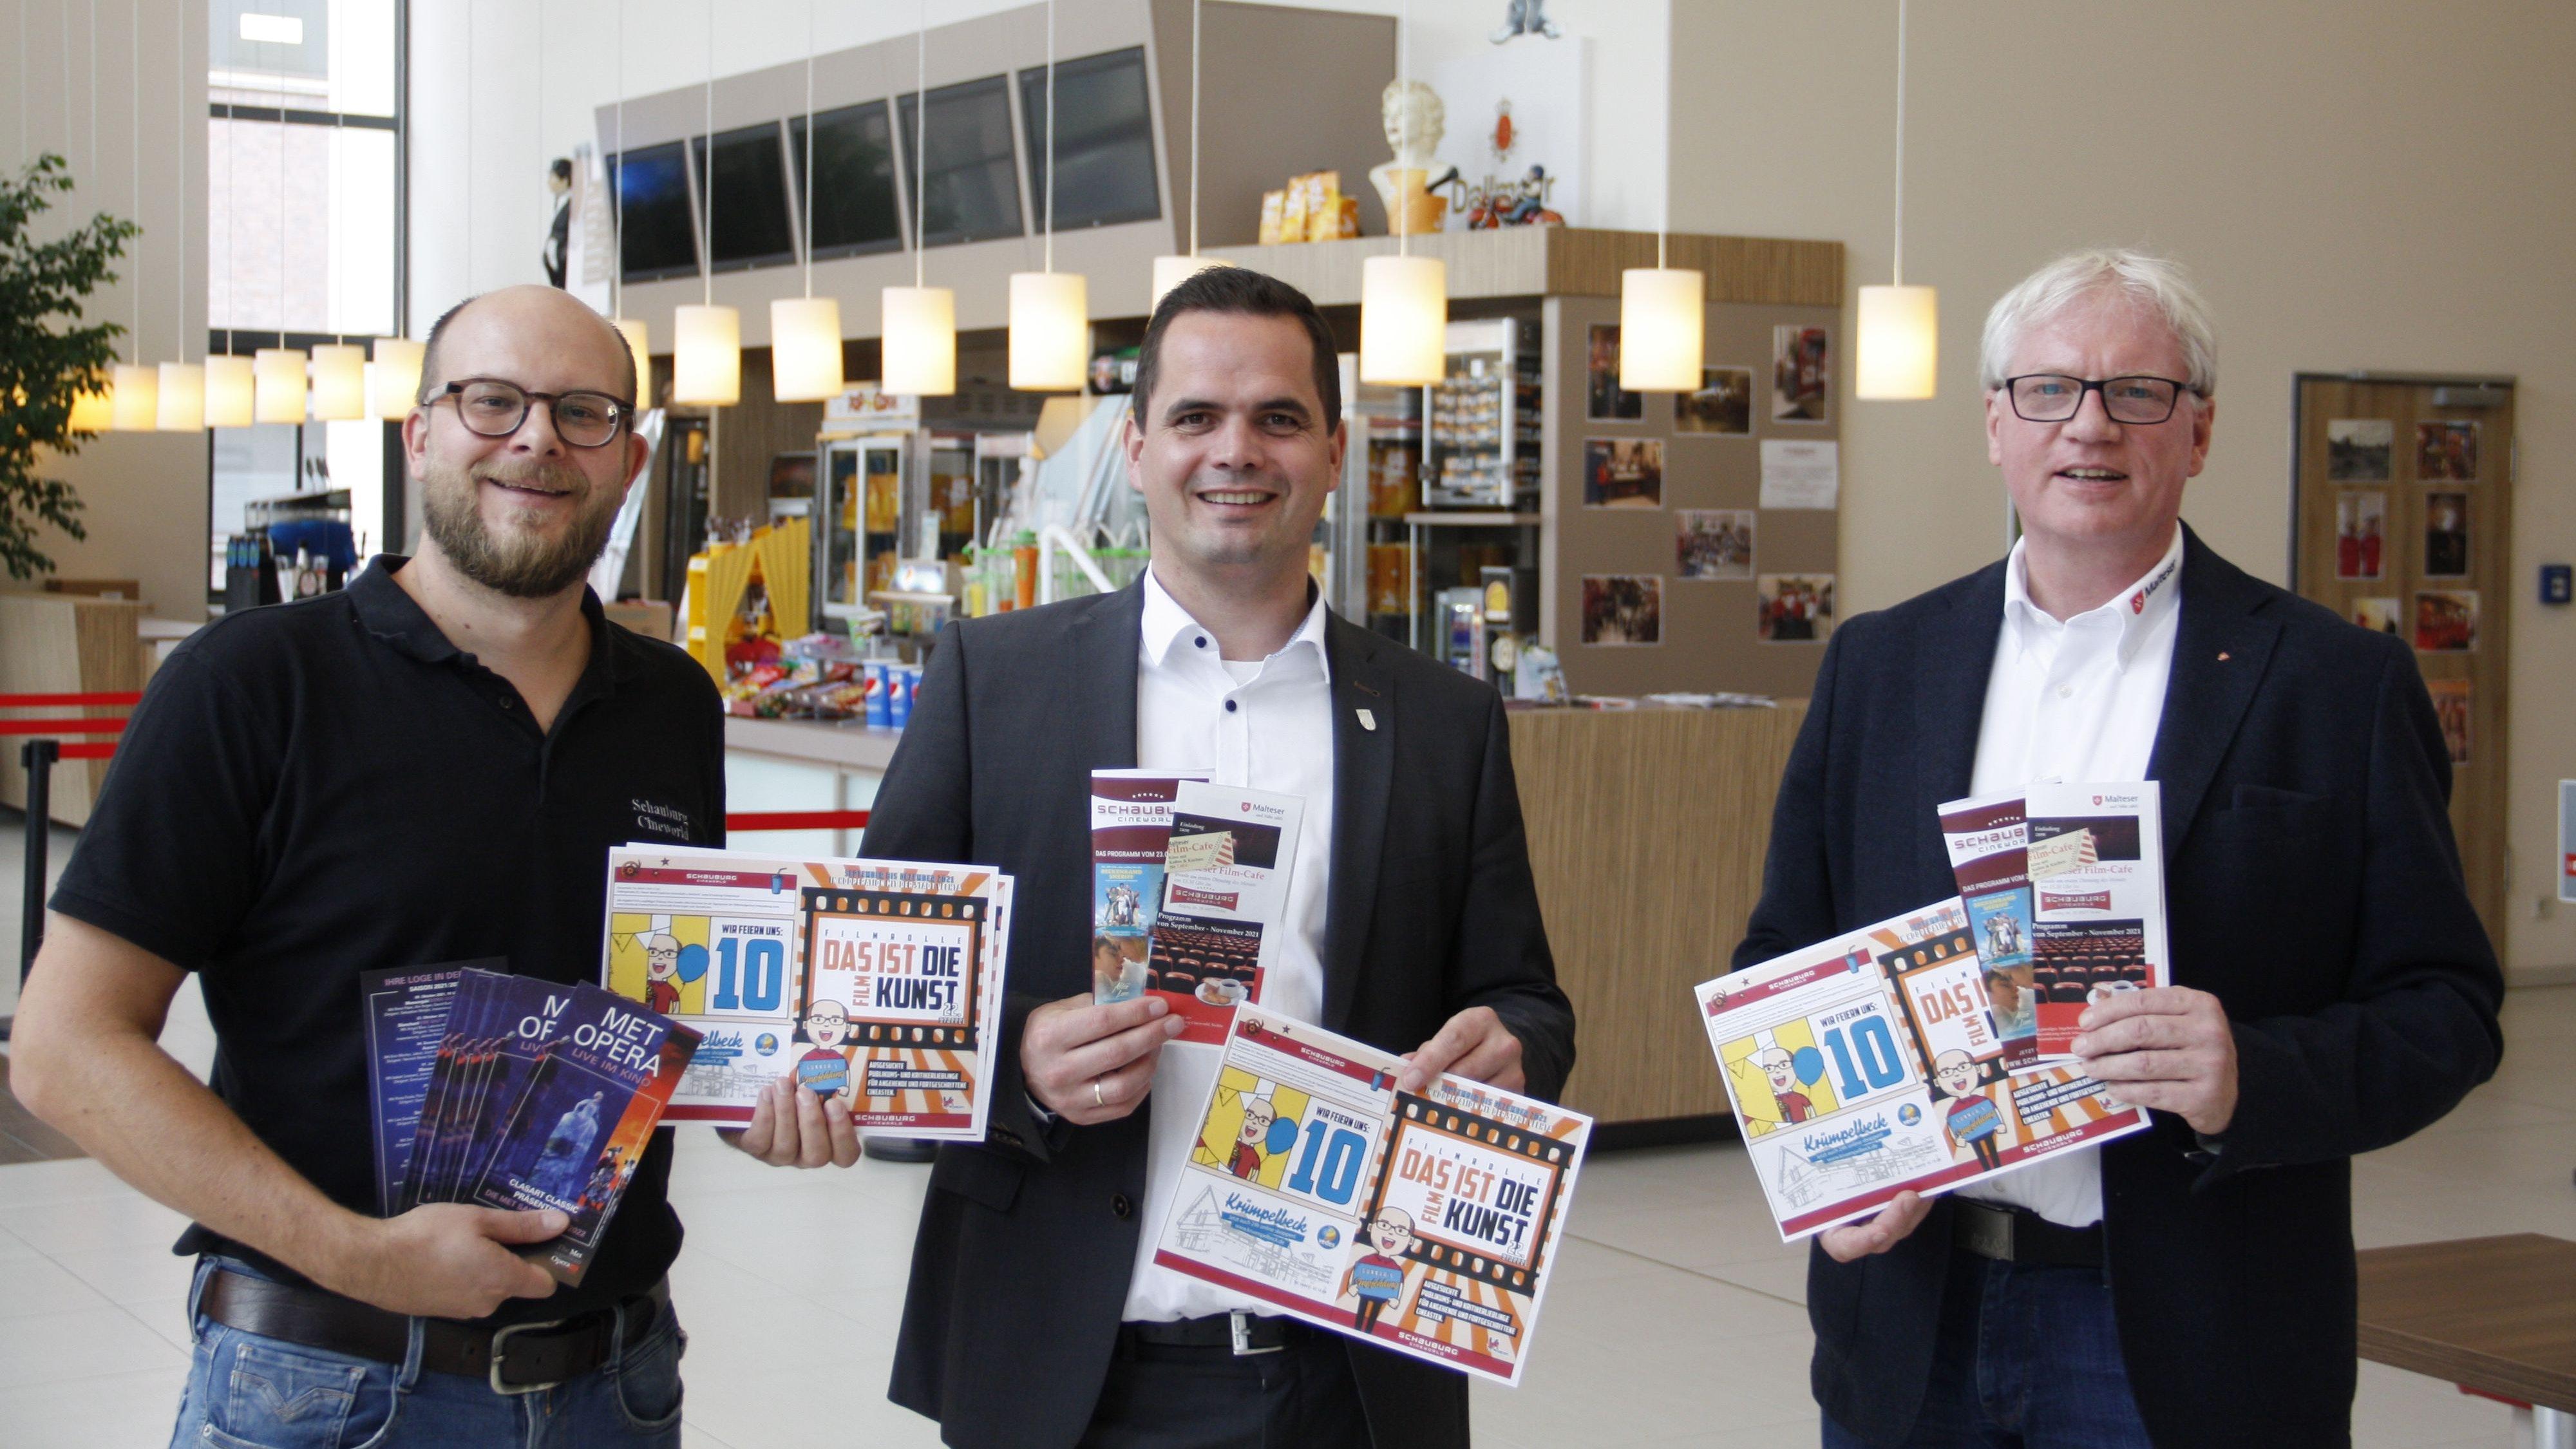 Gunnar Schäfers (von links), Kristian Kater und Martin Bockhorst präsentieren das neue Programm der Schauburg Vechta. Foto: Technow